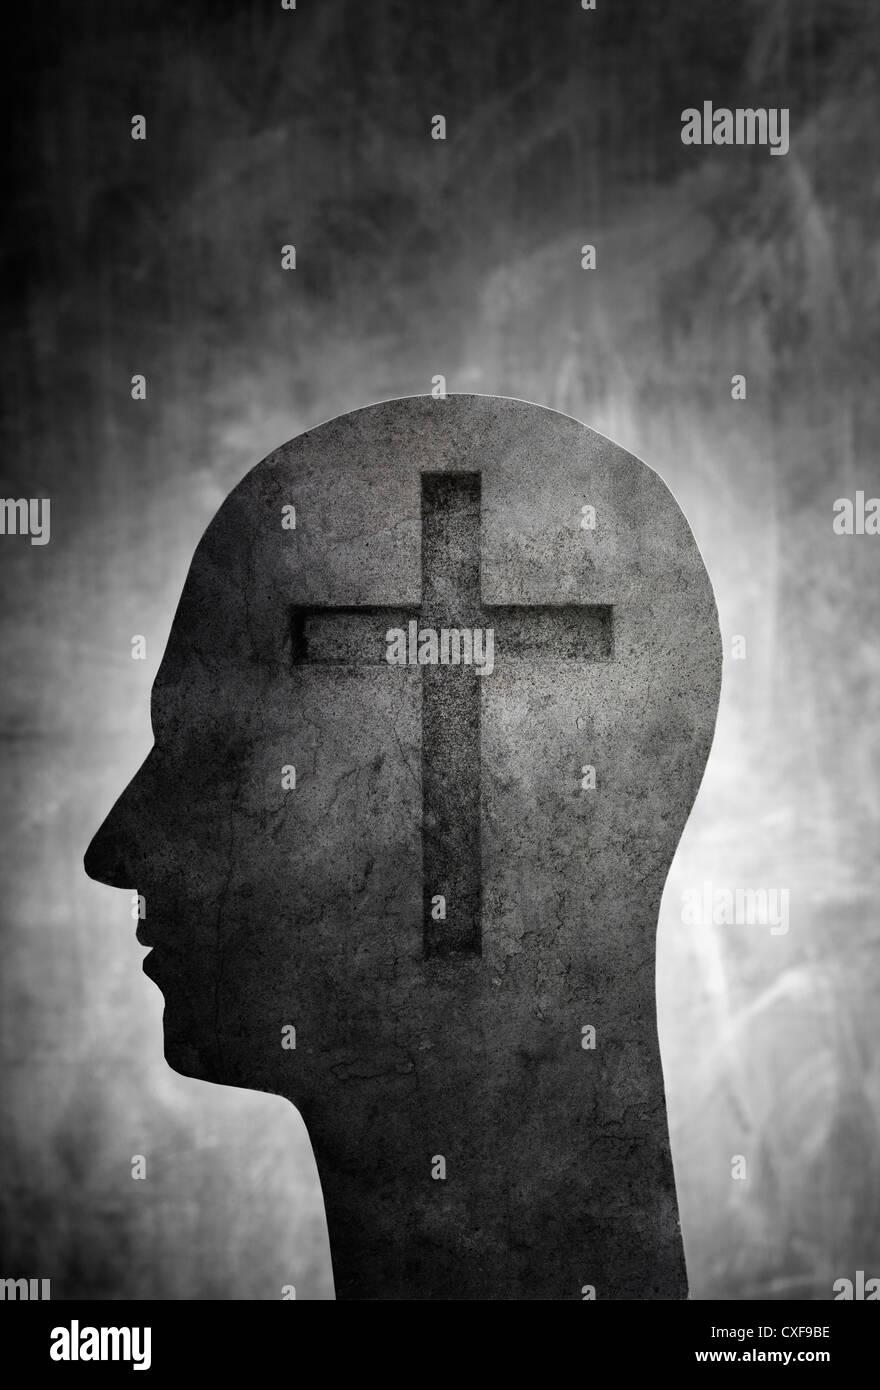 Immagine concettuale di una testa con una croce cristiana simbolo. Immagini Stock